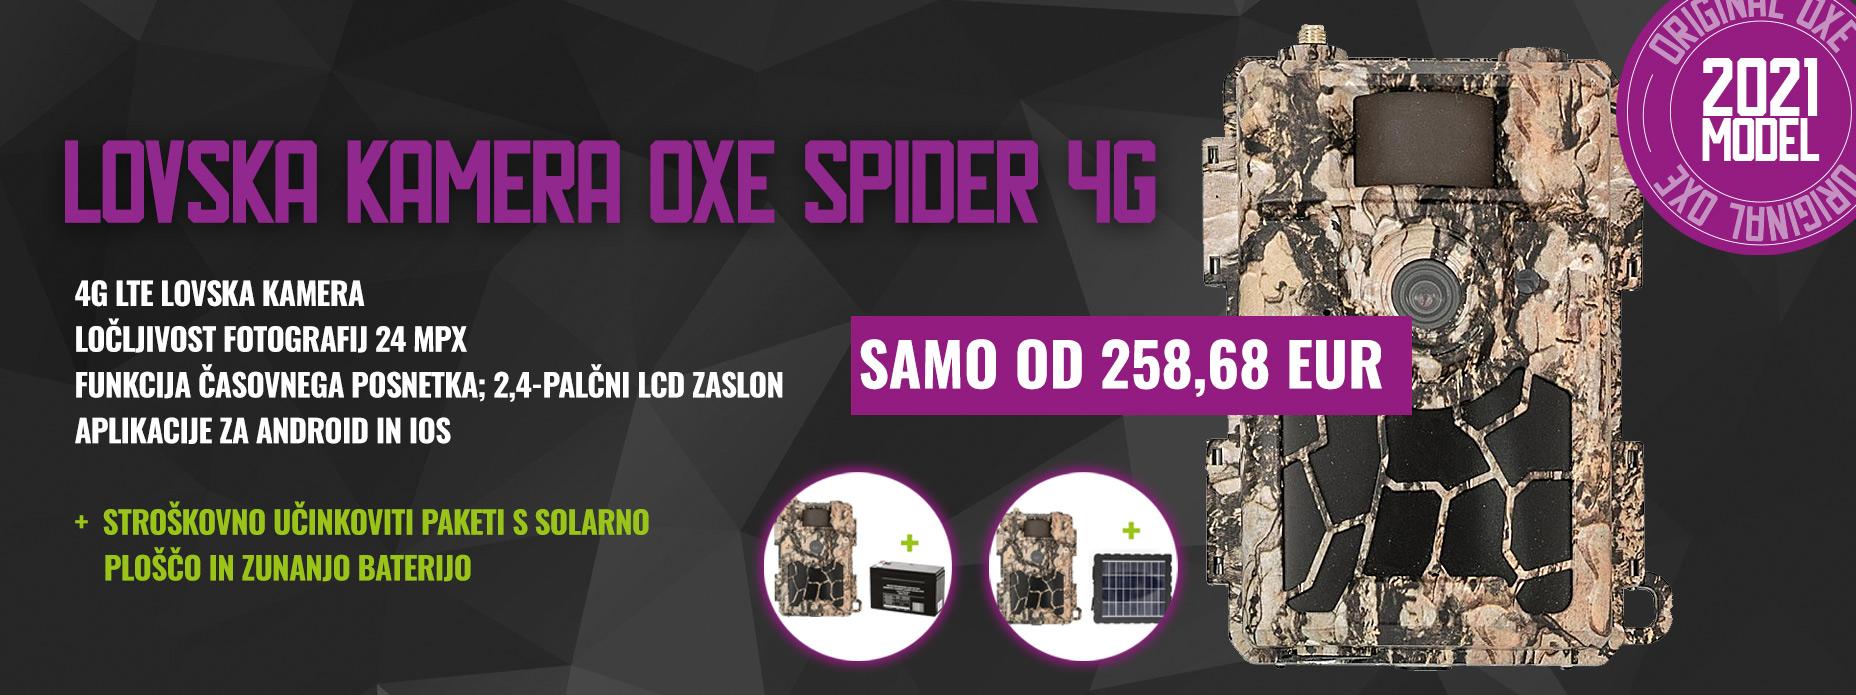 LOVSKA KAMERA OXE SPIDER 4G